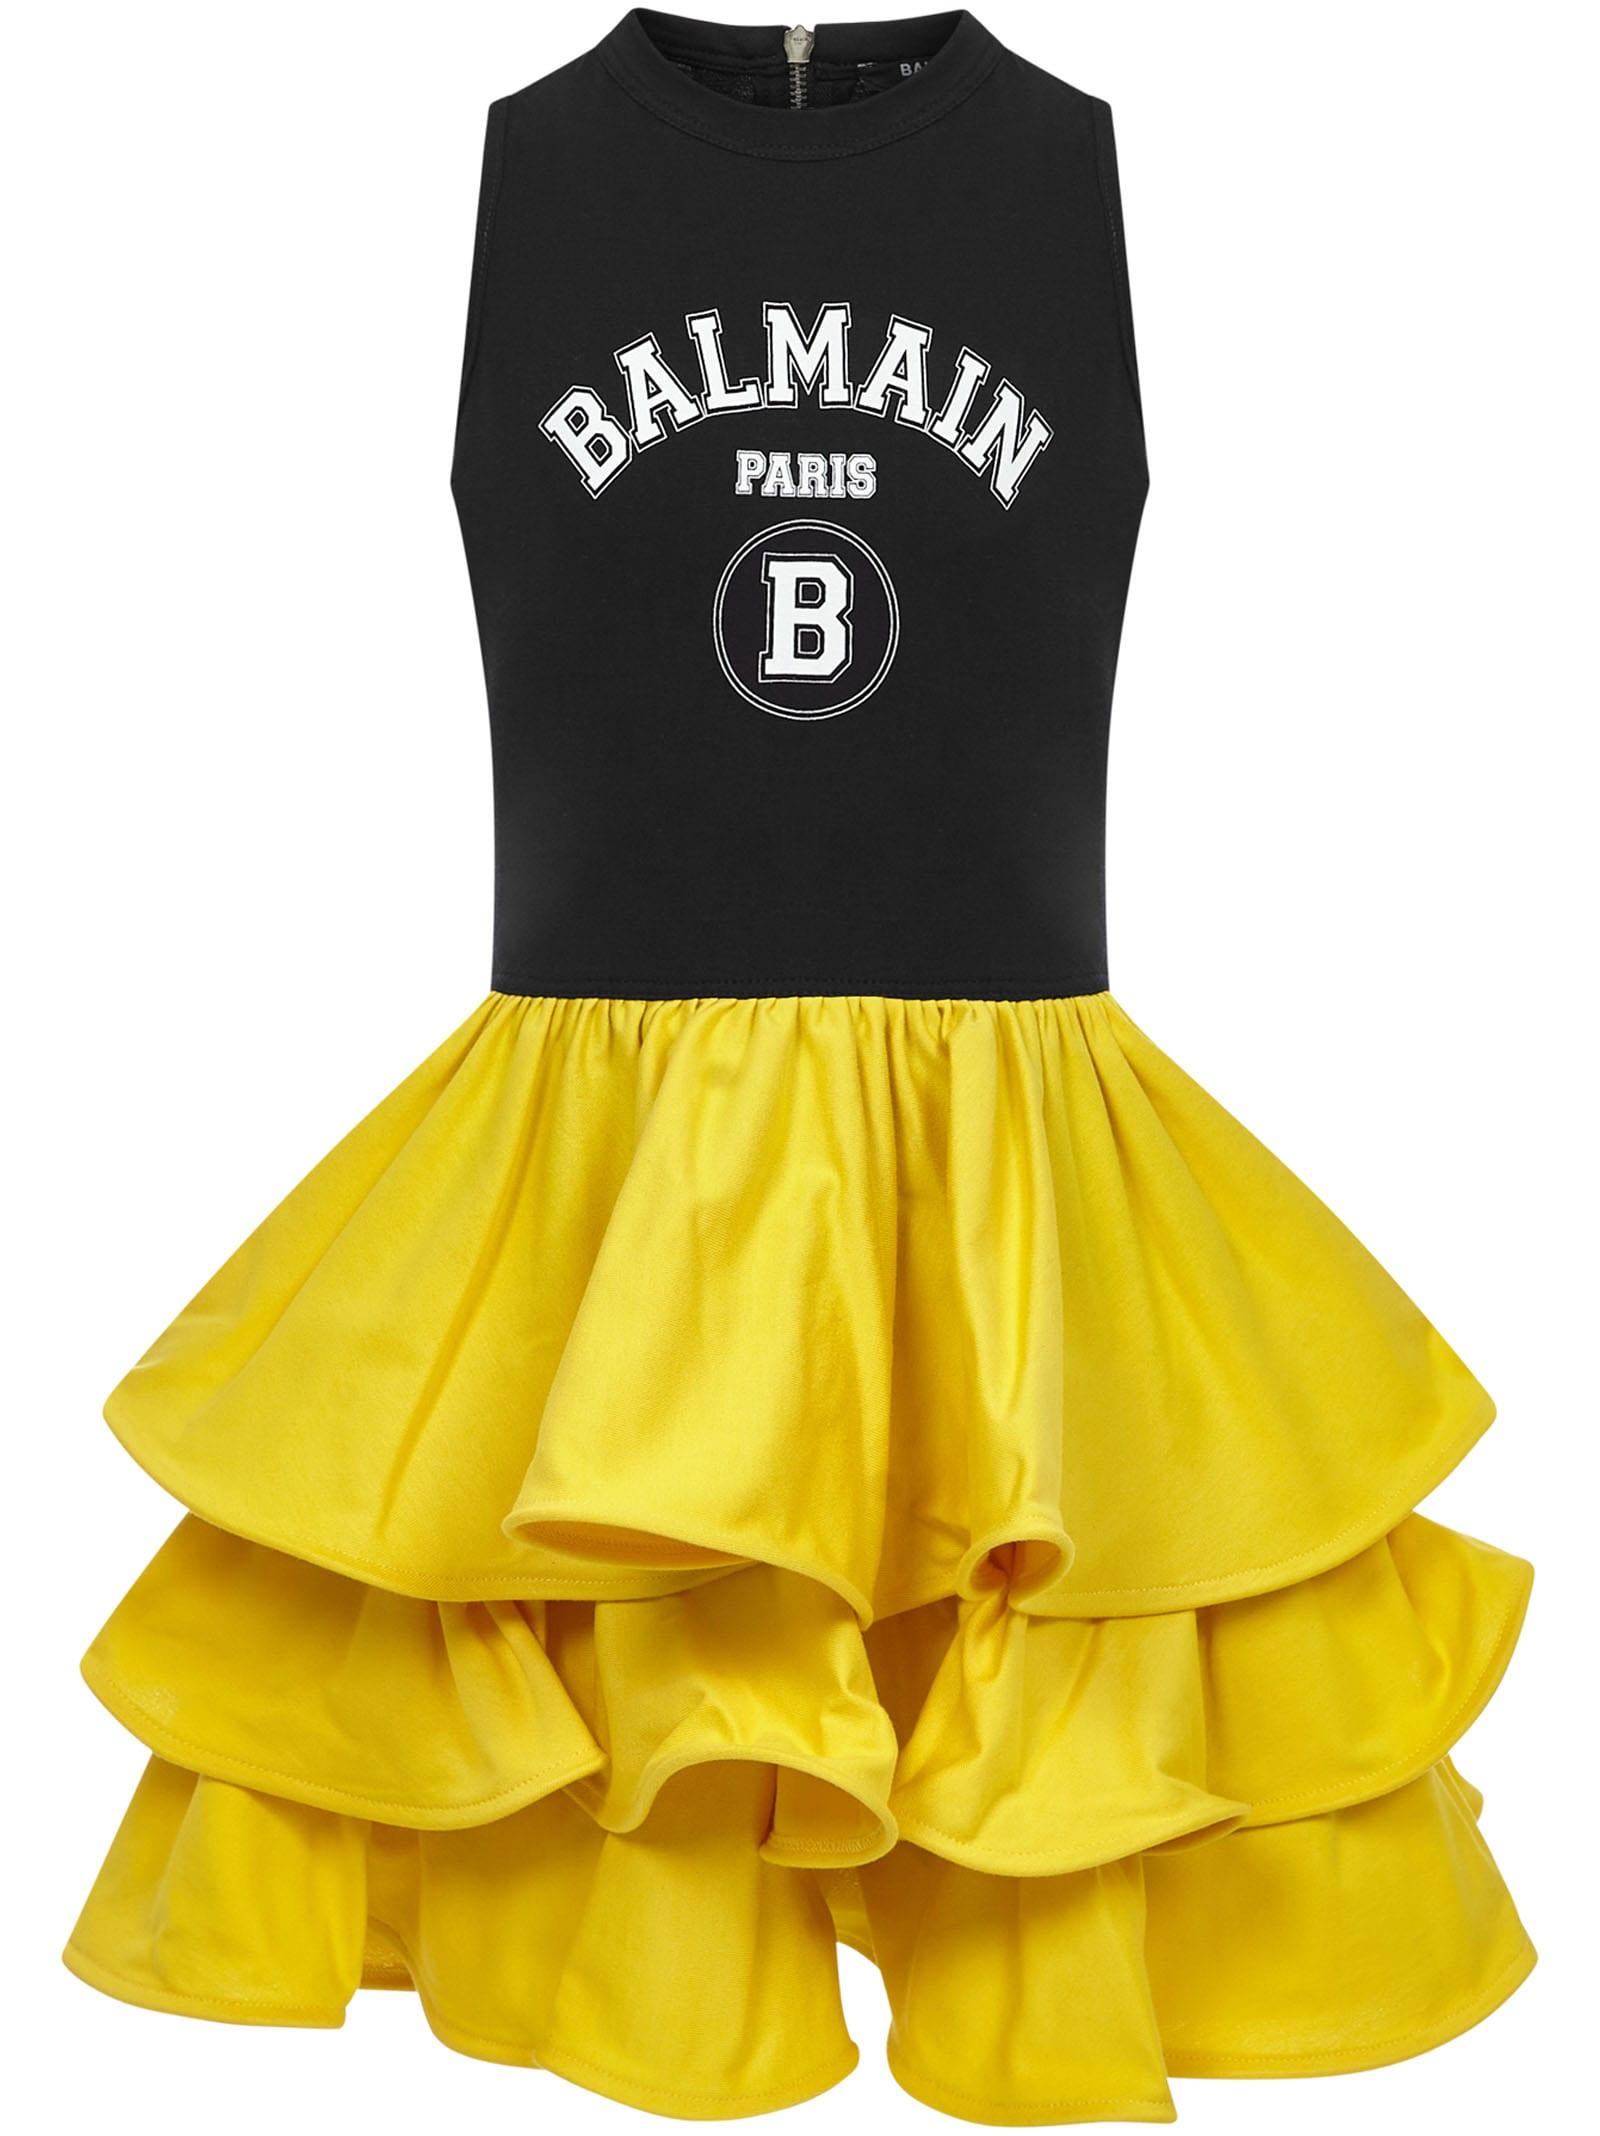 Balmain Cottons PARIS KIDS DRESS